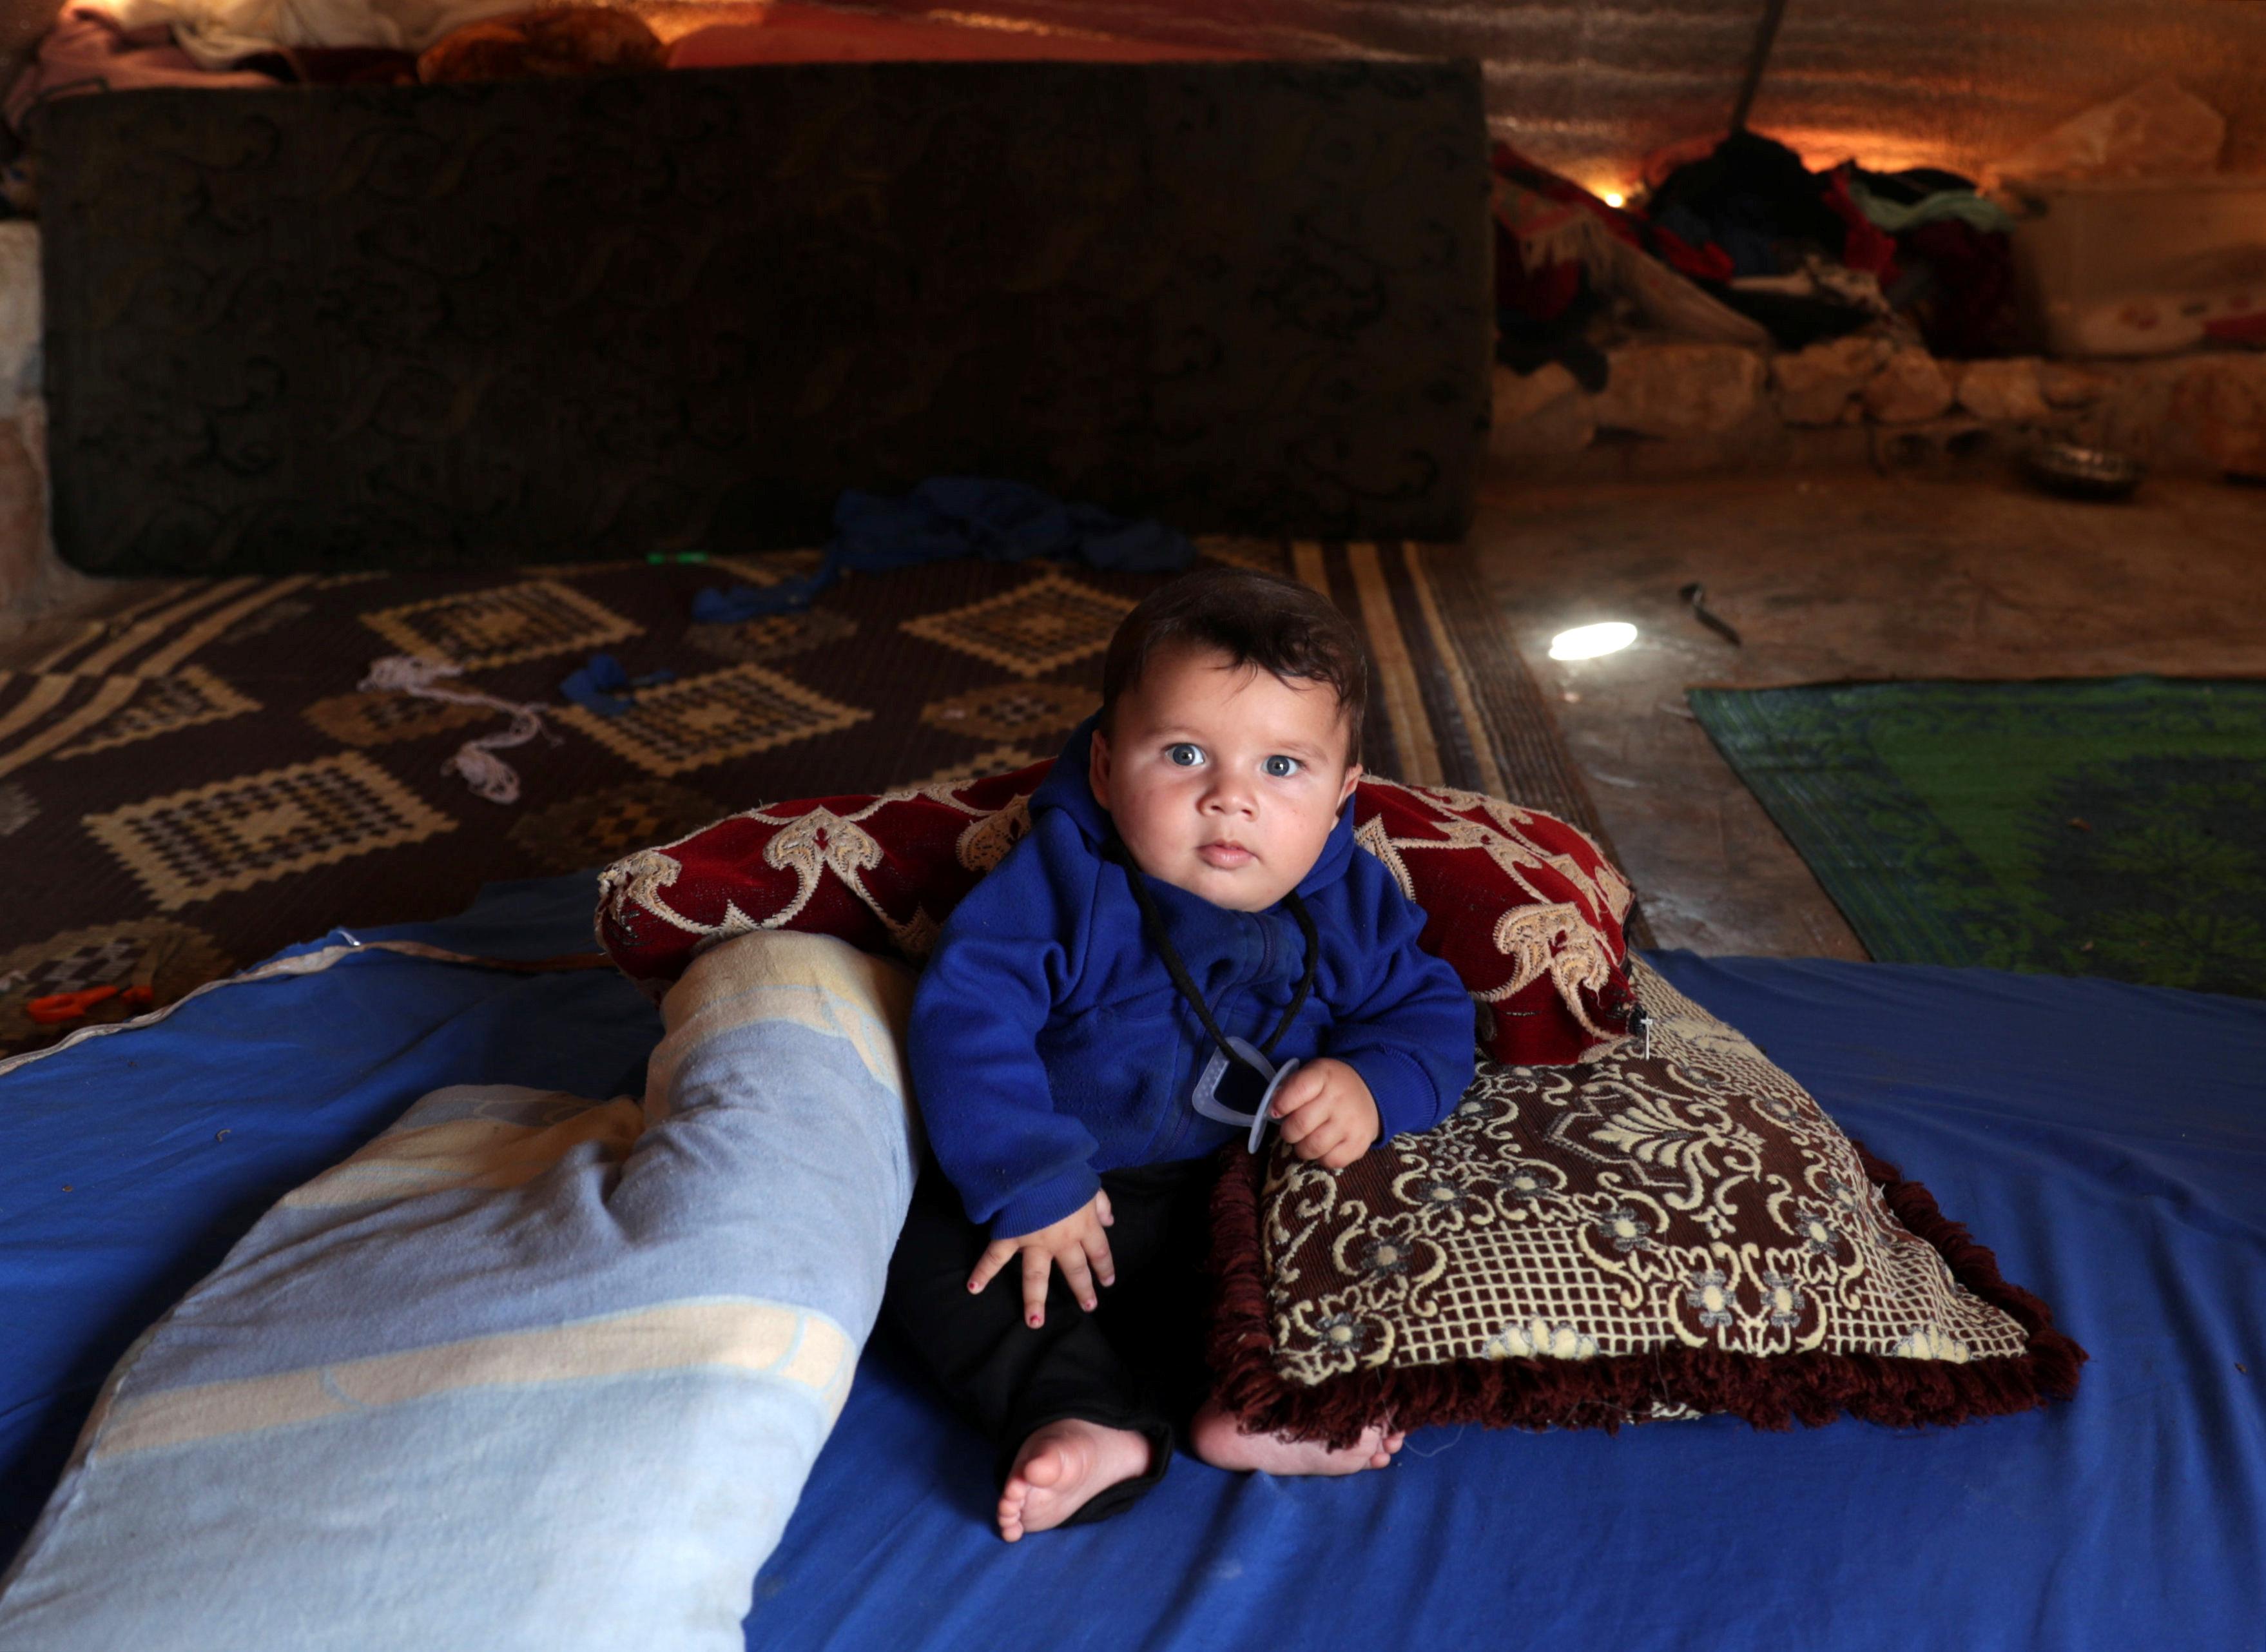 Abdul Rahman al-Fares, un bebé de 4 meses apoyado sobre almohadas sobre una manta azul en la tienda de su familia. El sábado fue el el Día Mundial de los Refugiados, que fue el sábado. (REUTERS/Khalil Ashawi)